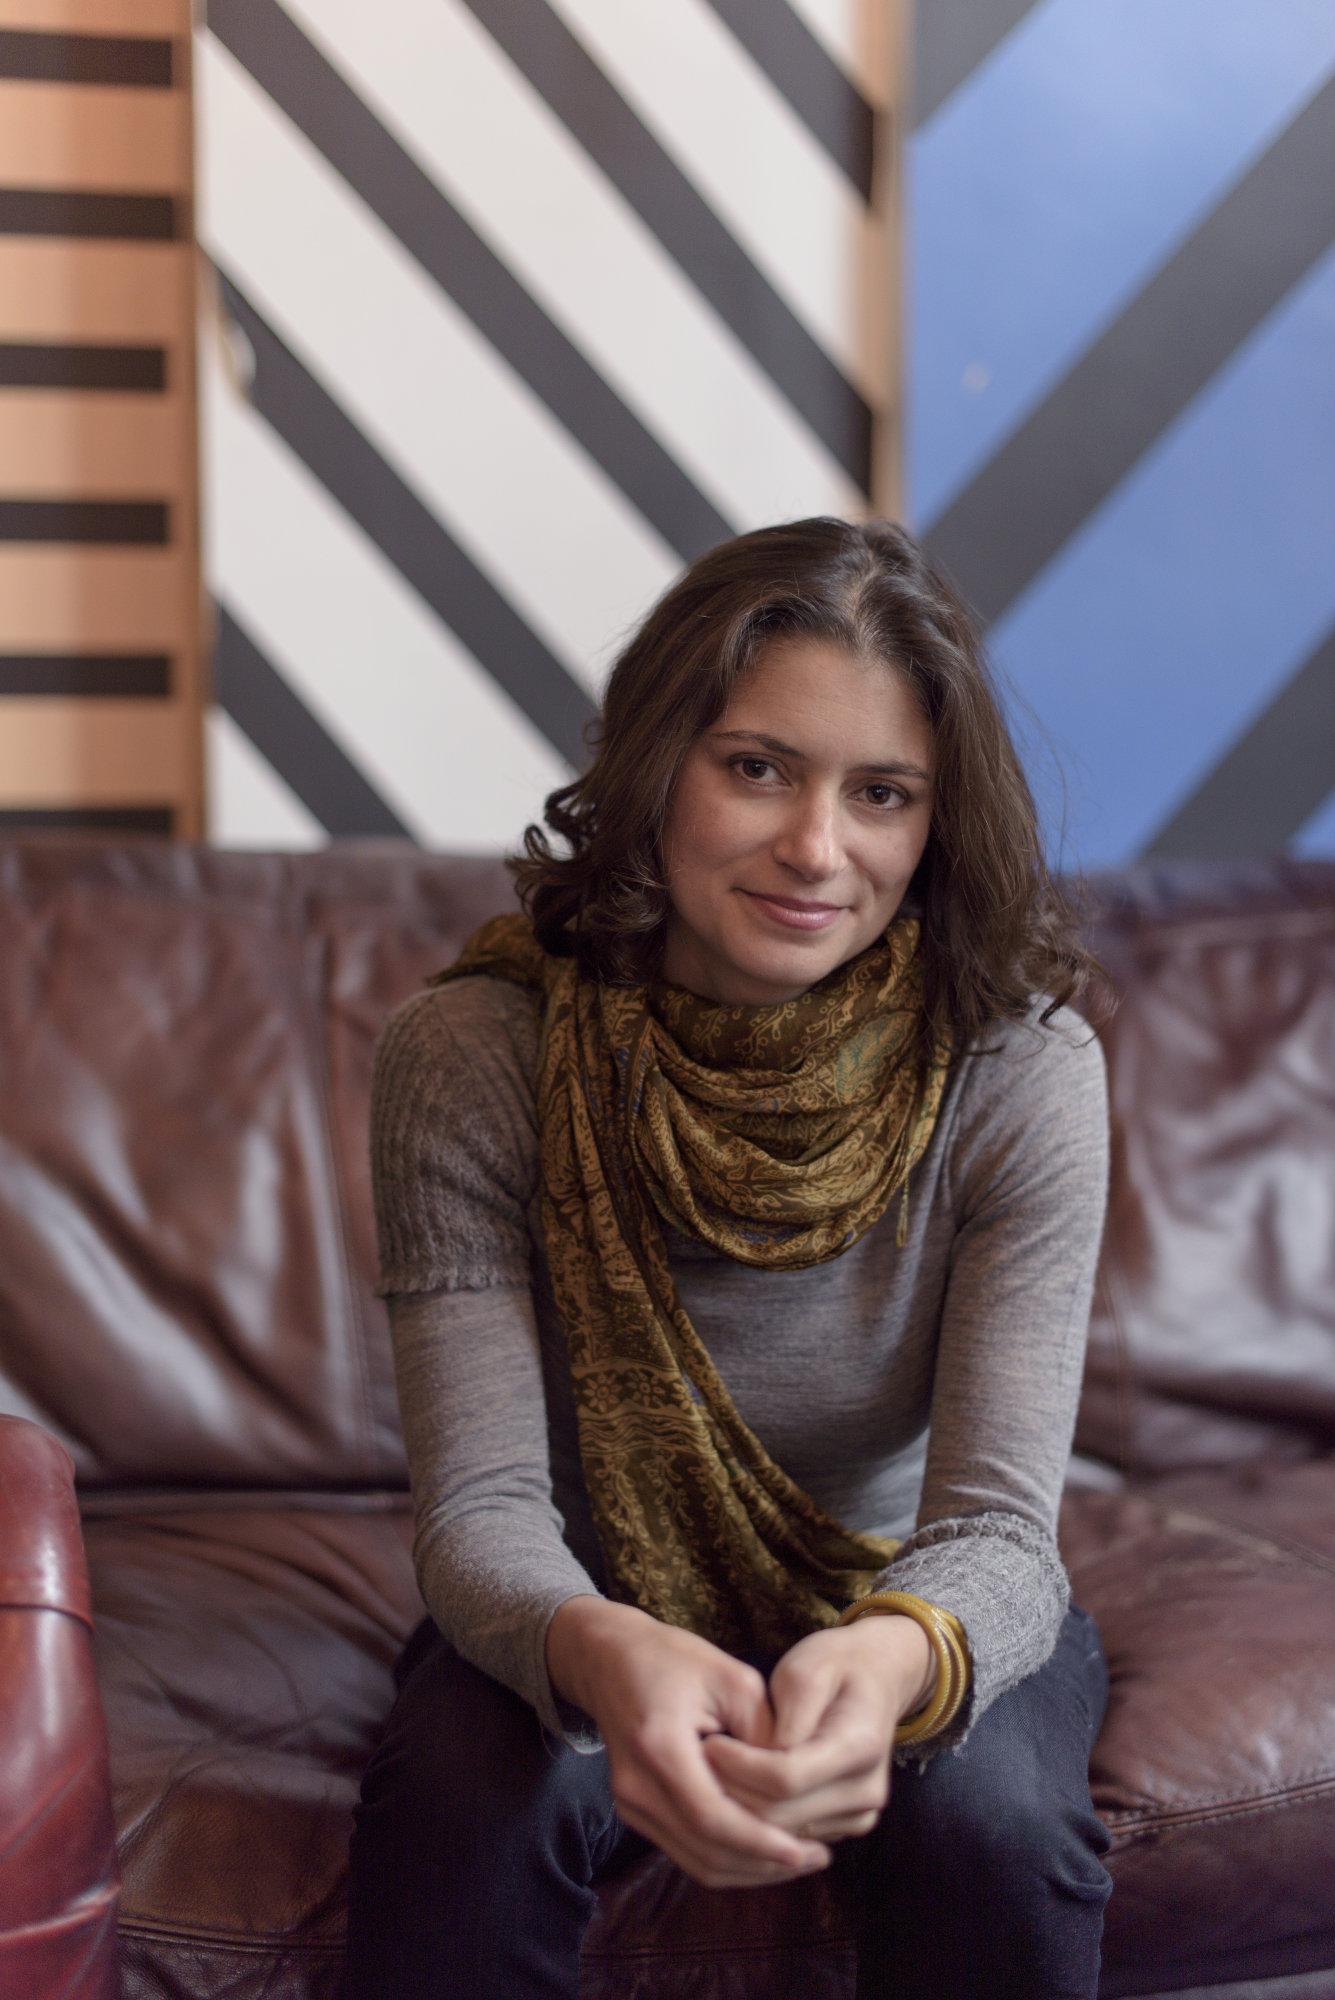 Daianna Karaian